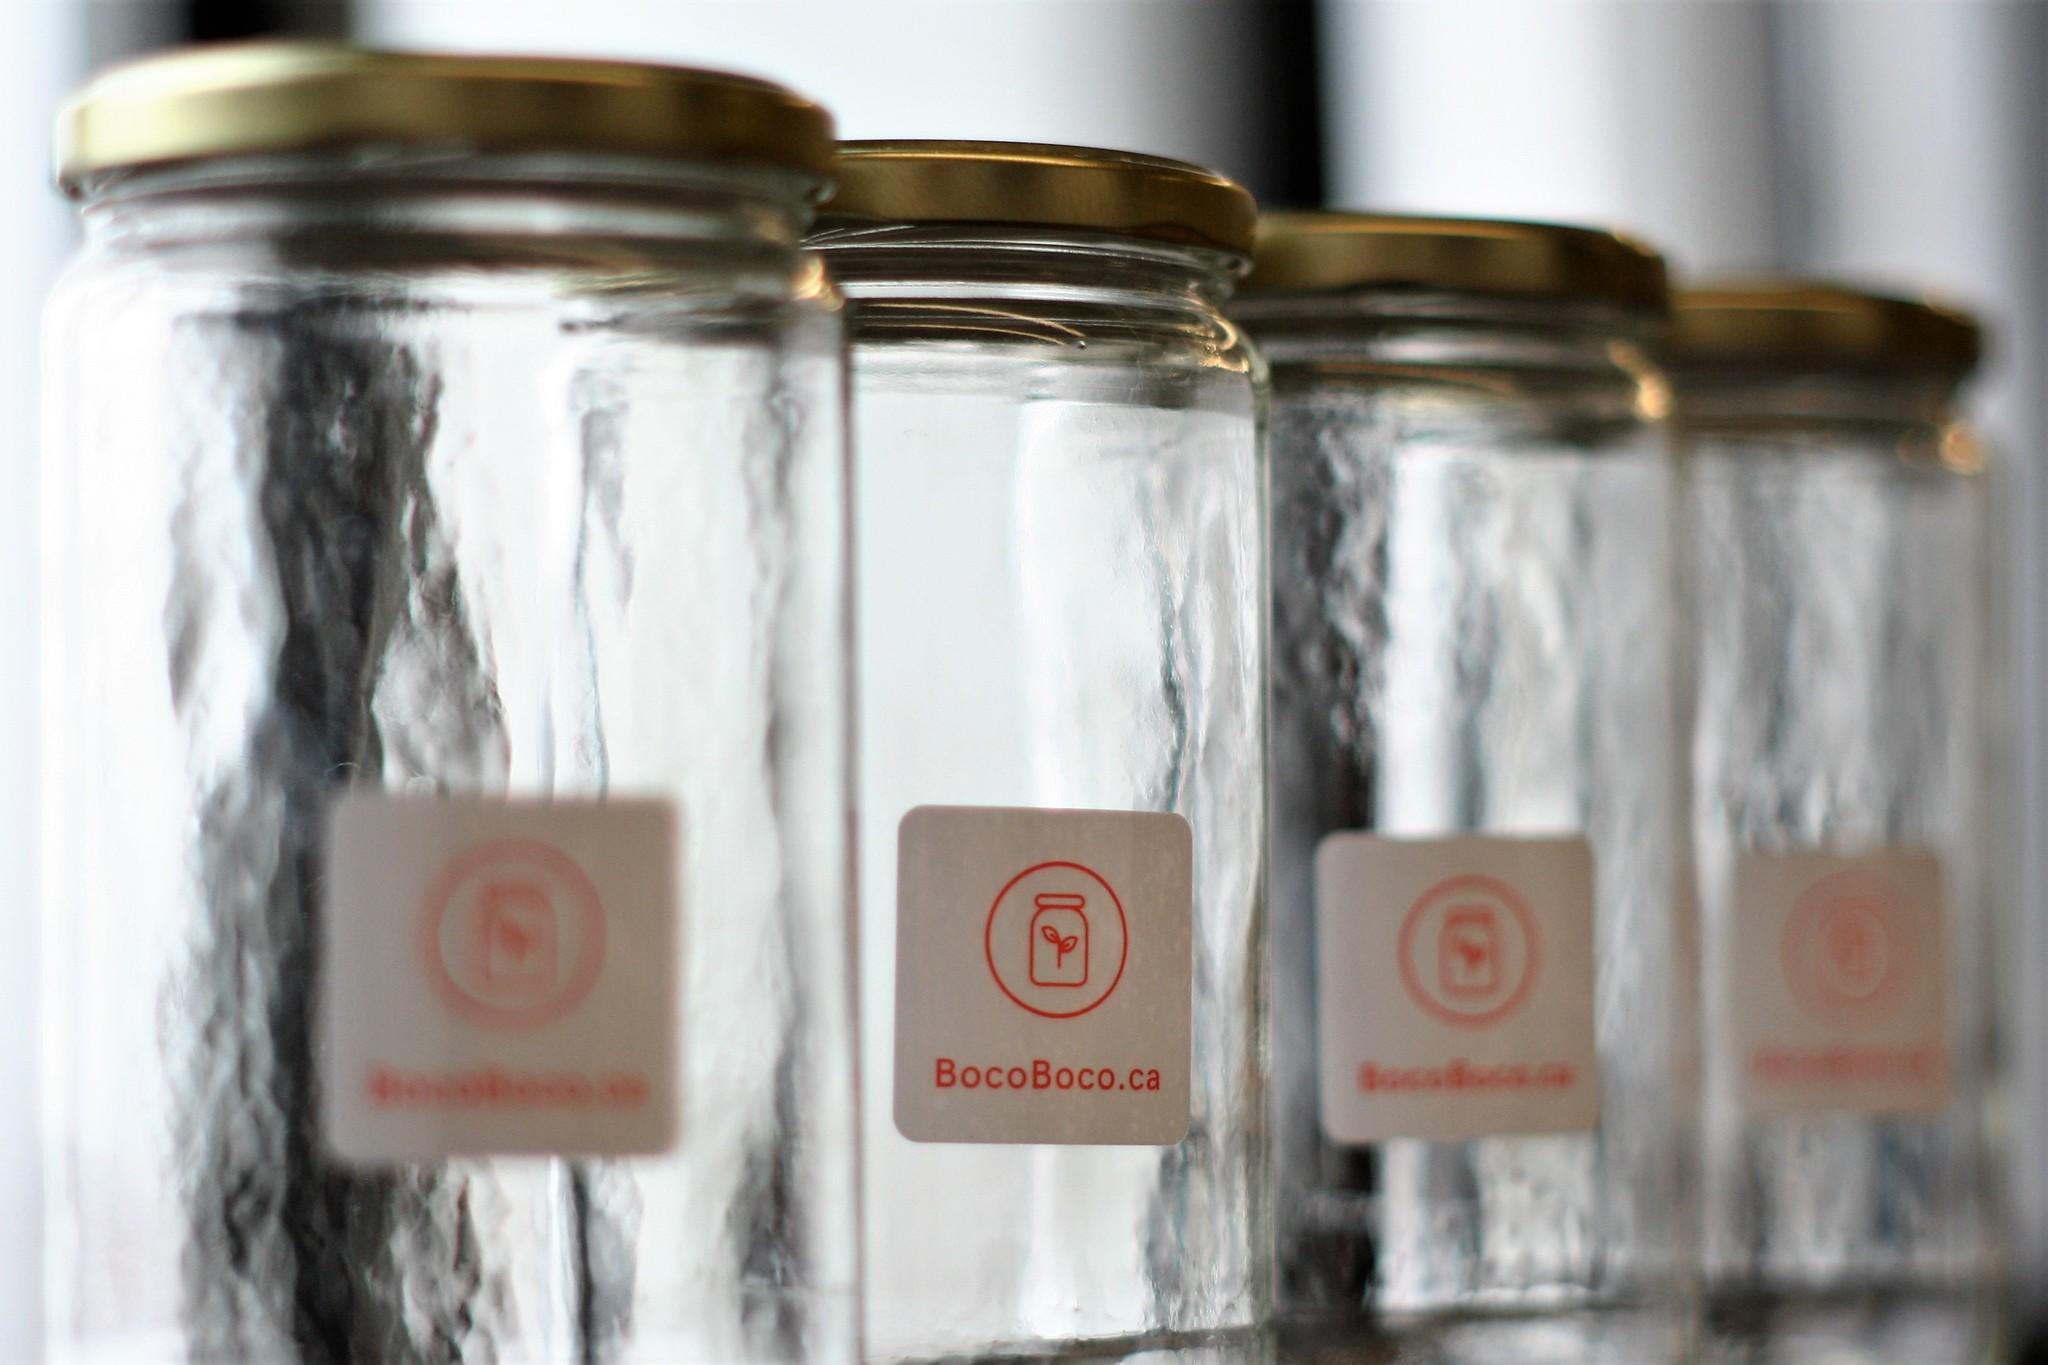 Contenants consignés BocoBoco pour une épicerie zéro déchet